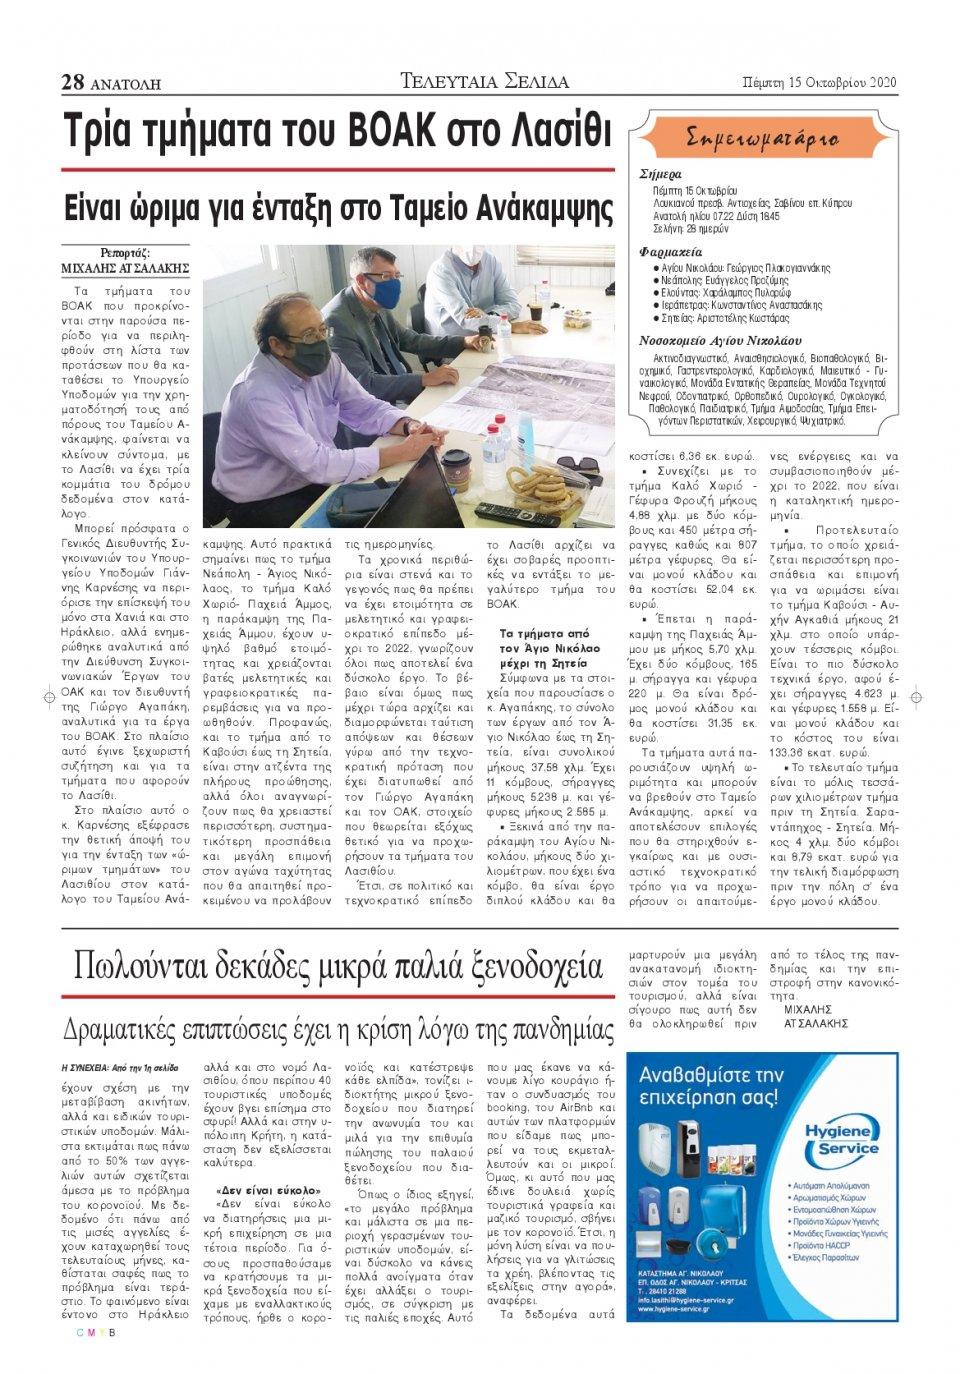 Οπισθόφυλλο εφημερίδας Ανατολή